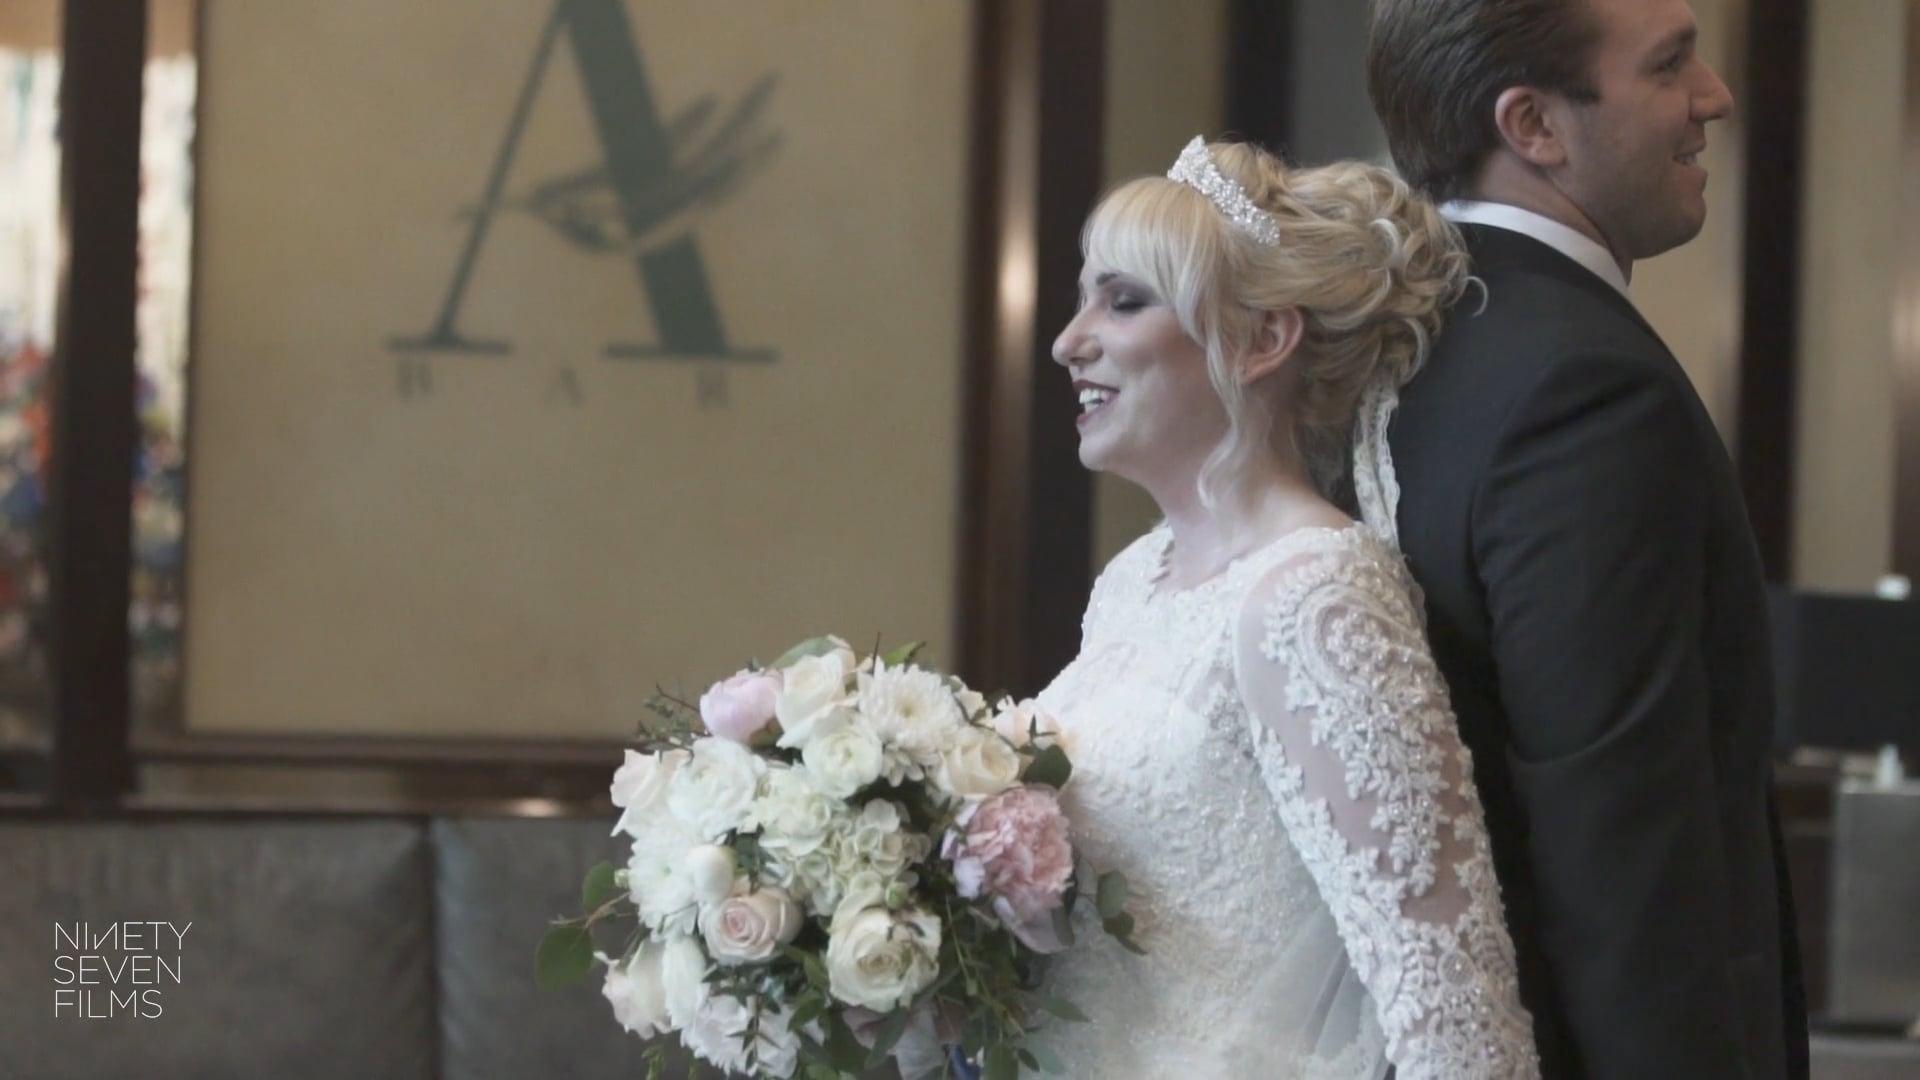 Annunciation Greek Orthodox Church and Athenaeum Hotel Greektown | Courtney + Nicholas Wedding Film